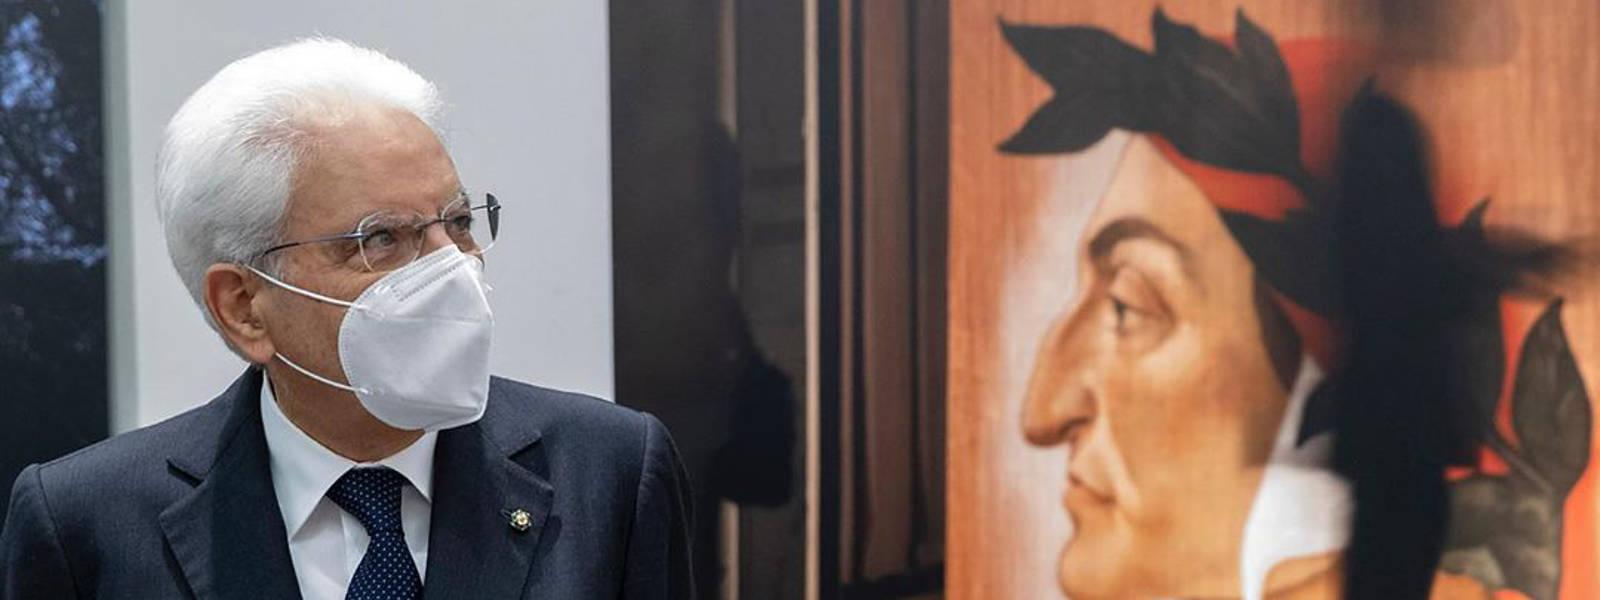 Mostra Dante Plus con Presidente Mattarella